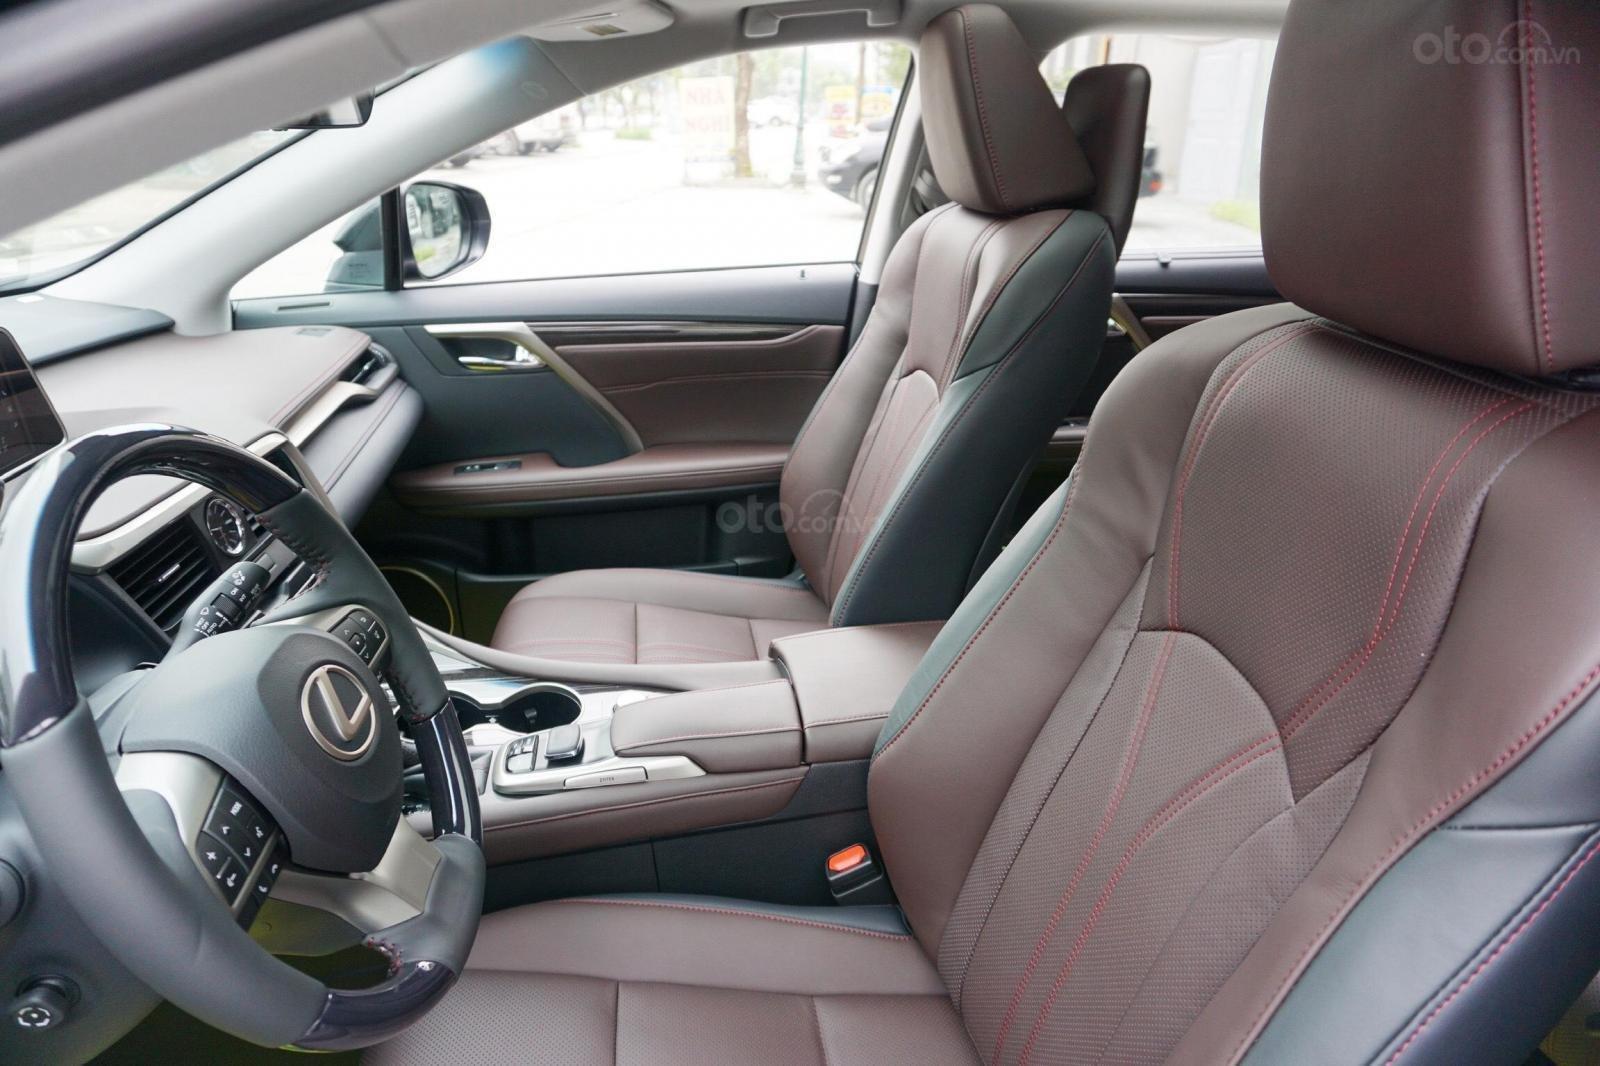 Bán Lexus RX 350 sản xuất 2019, màu đen, nhập Mỹ, giao ngay, LH 094.539.2468 Ms Hương (8)